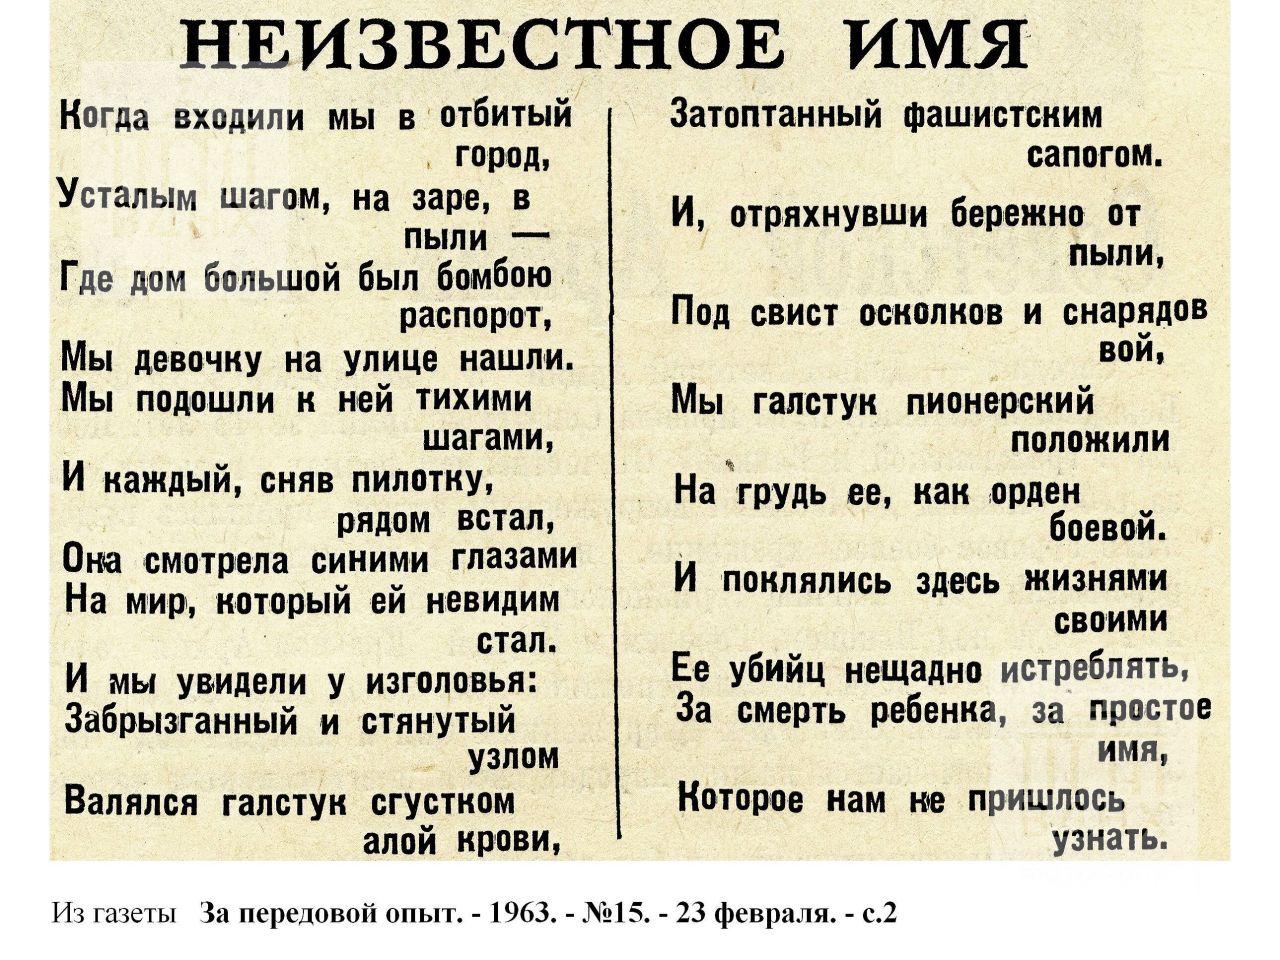 """""""Неизвестное имя"""". 1963, №15"""